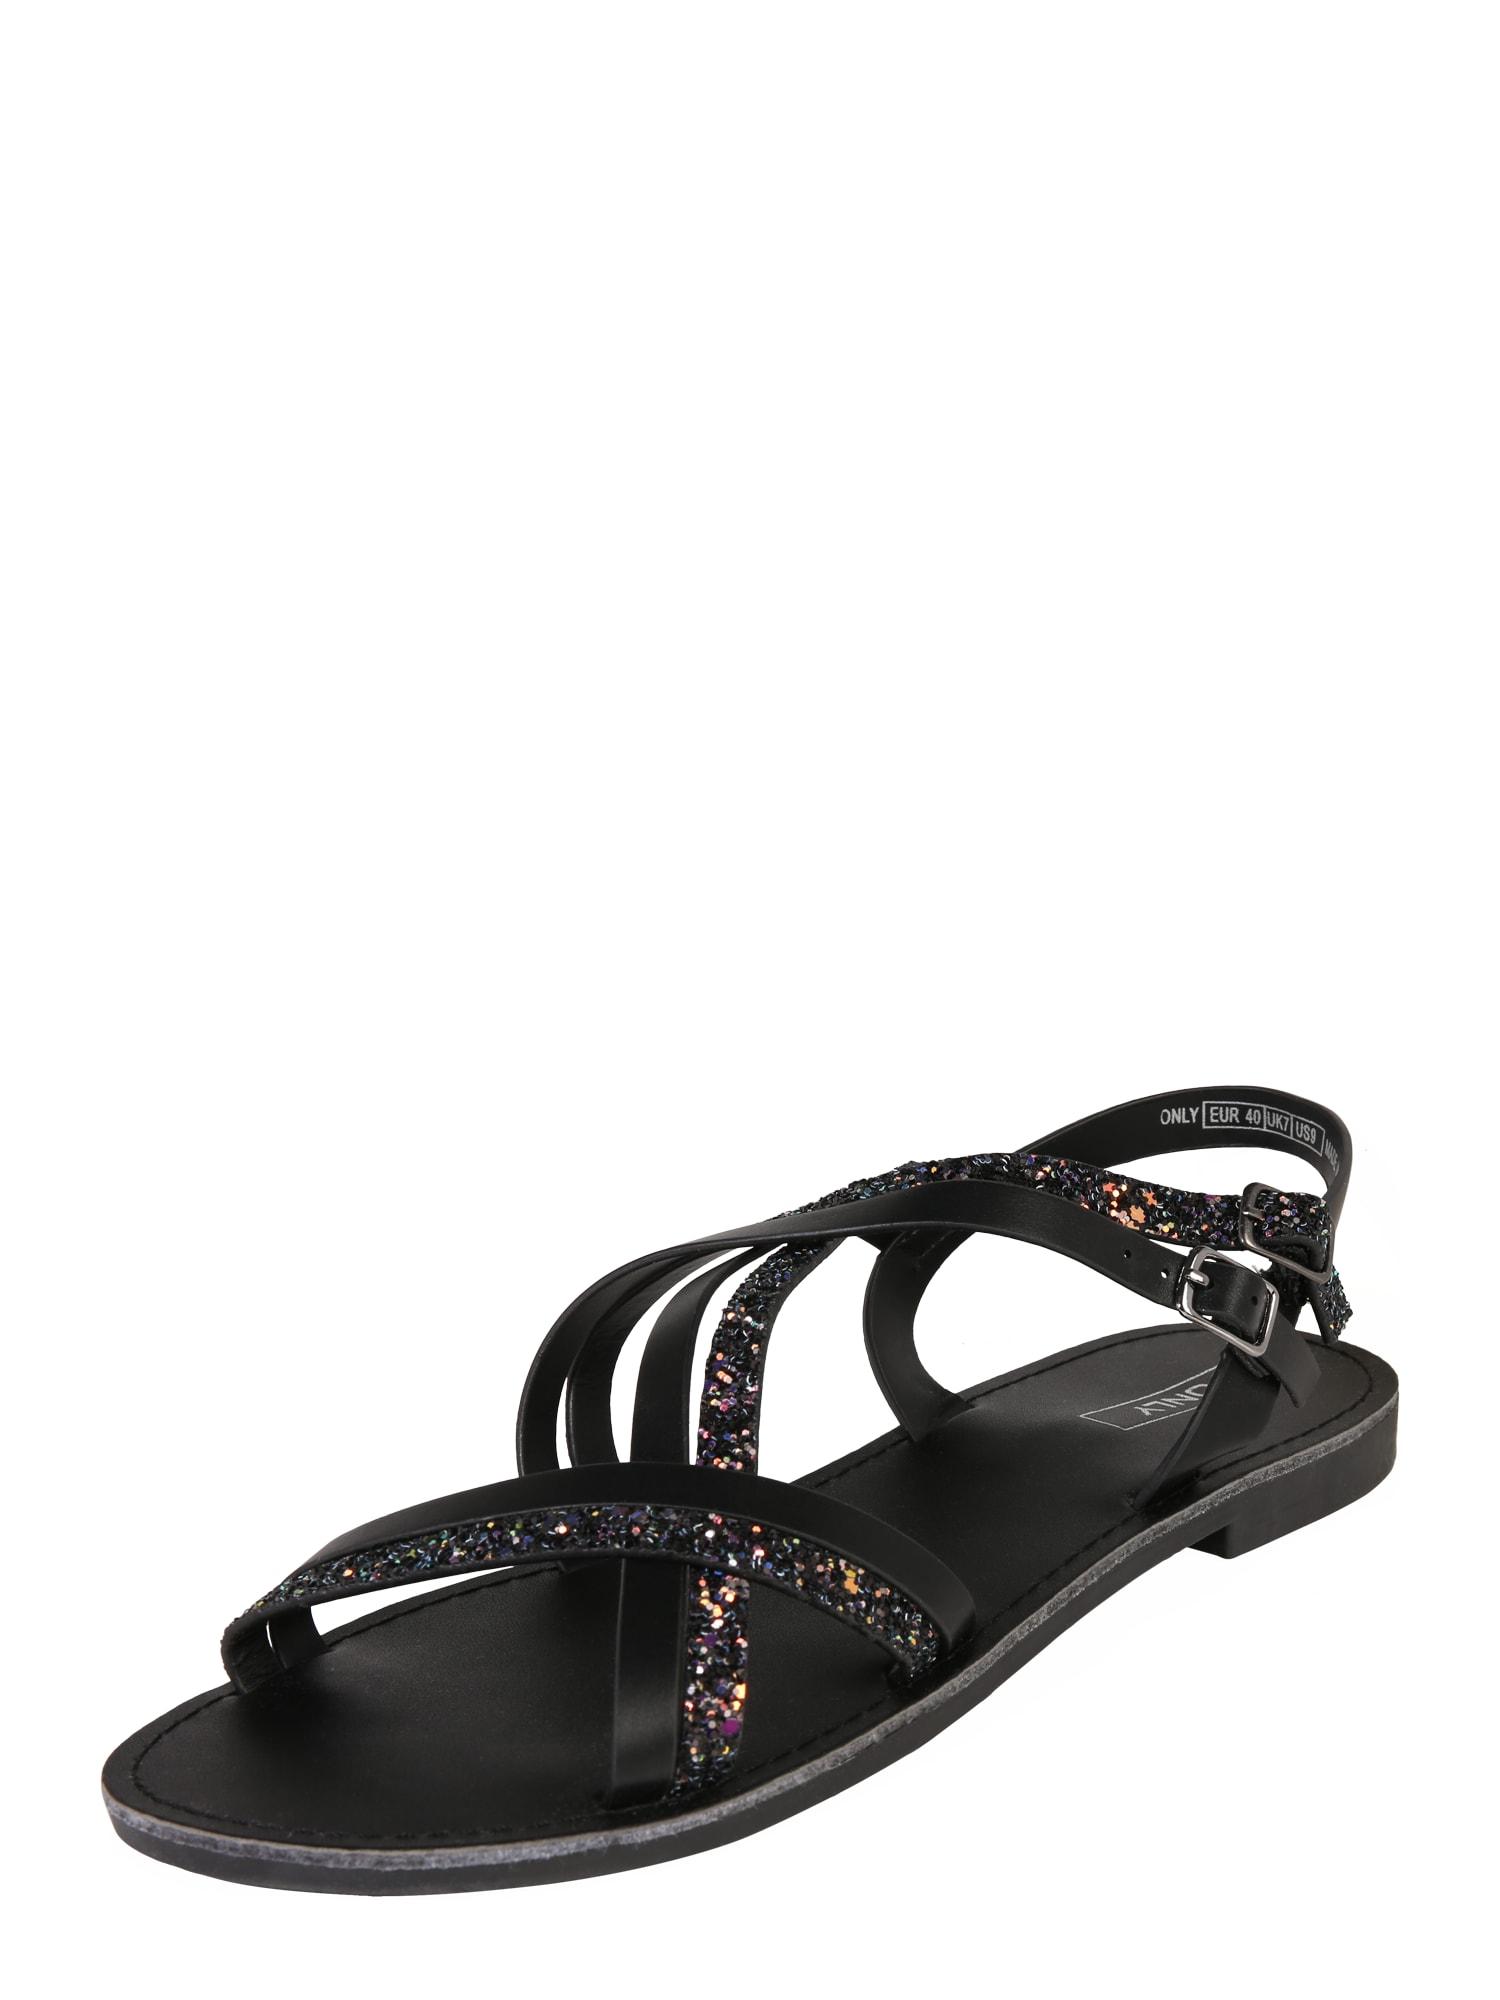 Páskové sandály Mandala černá ONLY